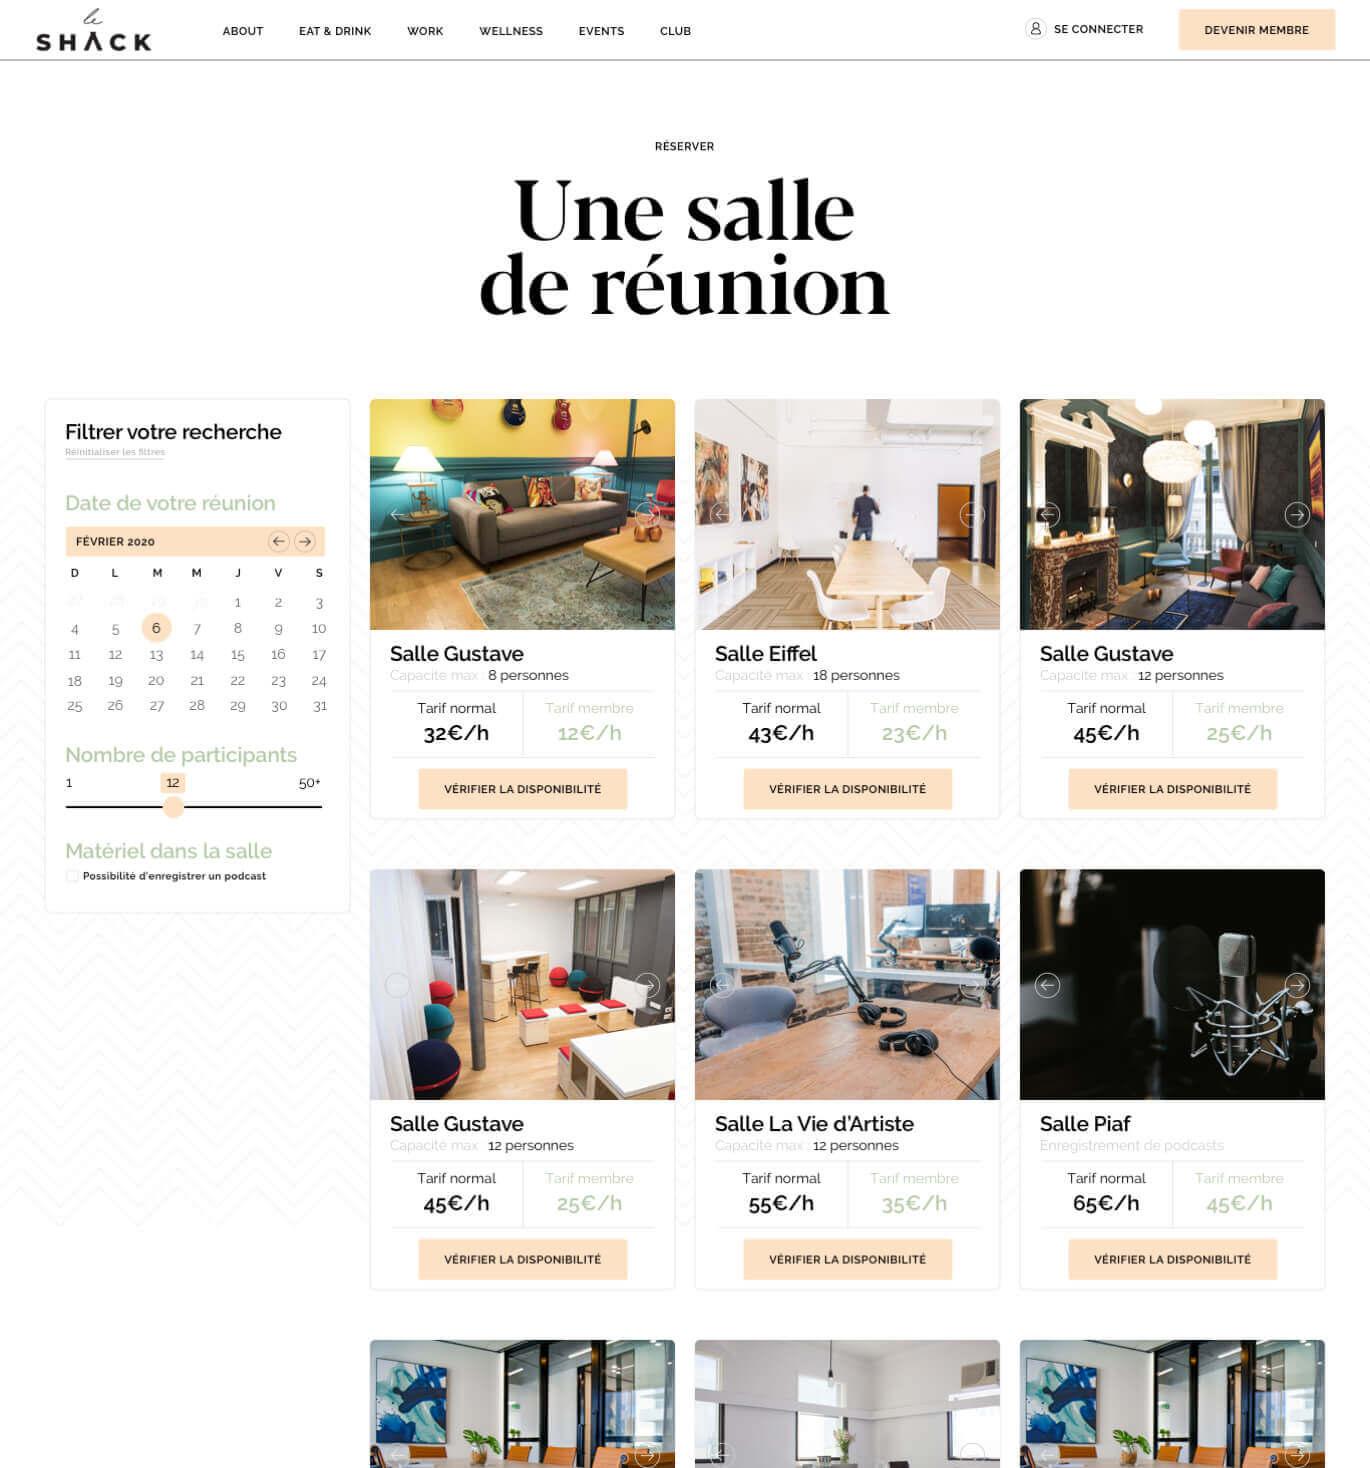 le-shack-paris-design-ste-web-antoine-peltier-graphiste-10